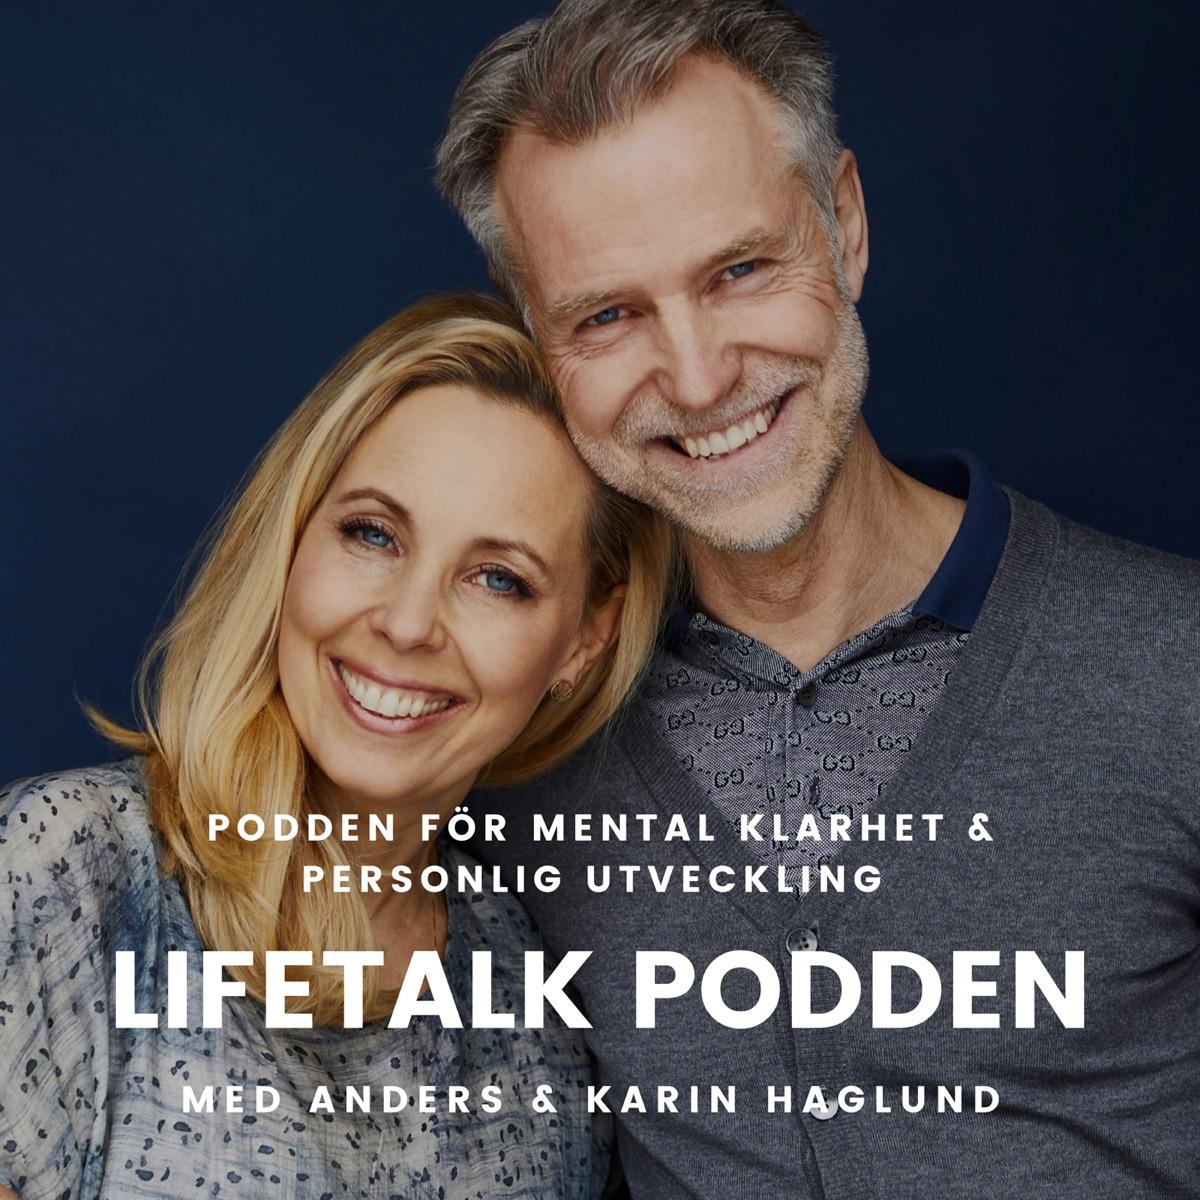 LifeTalk Podden #28